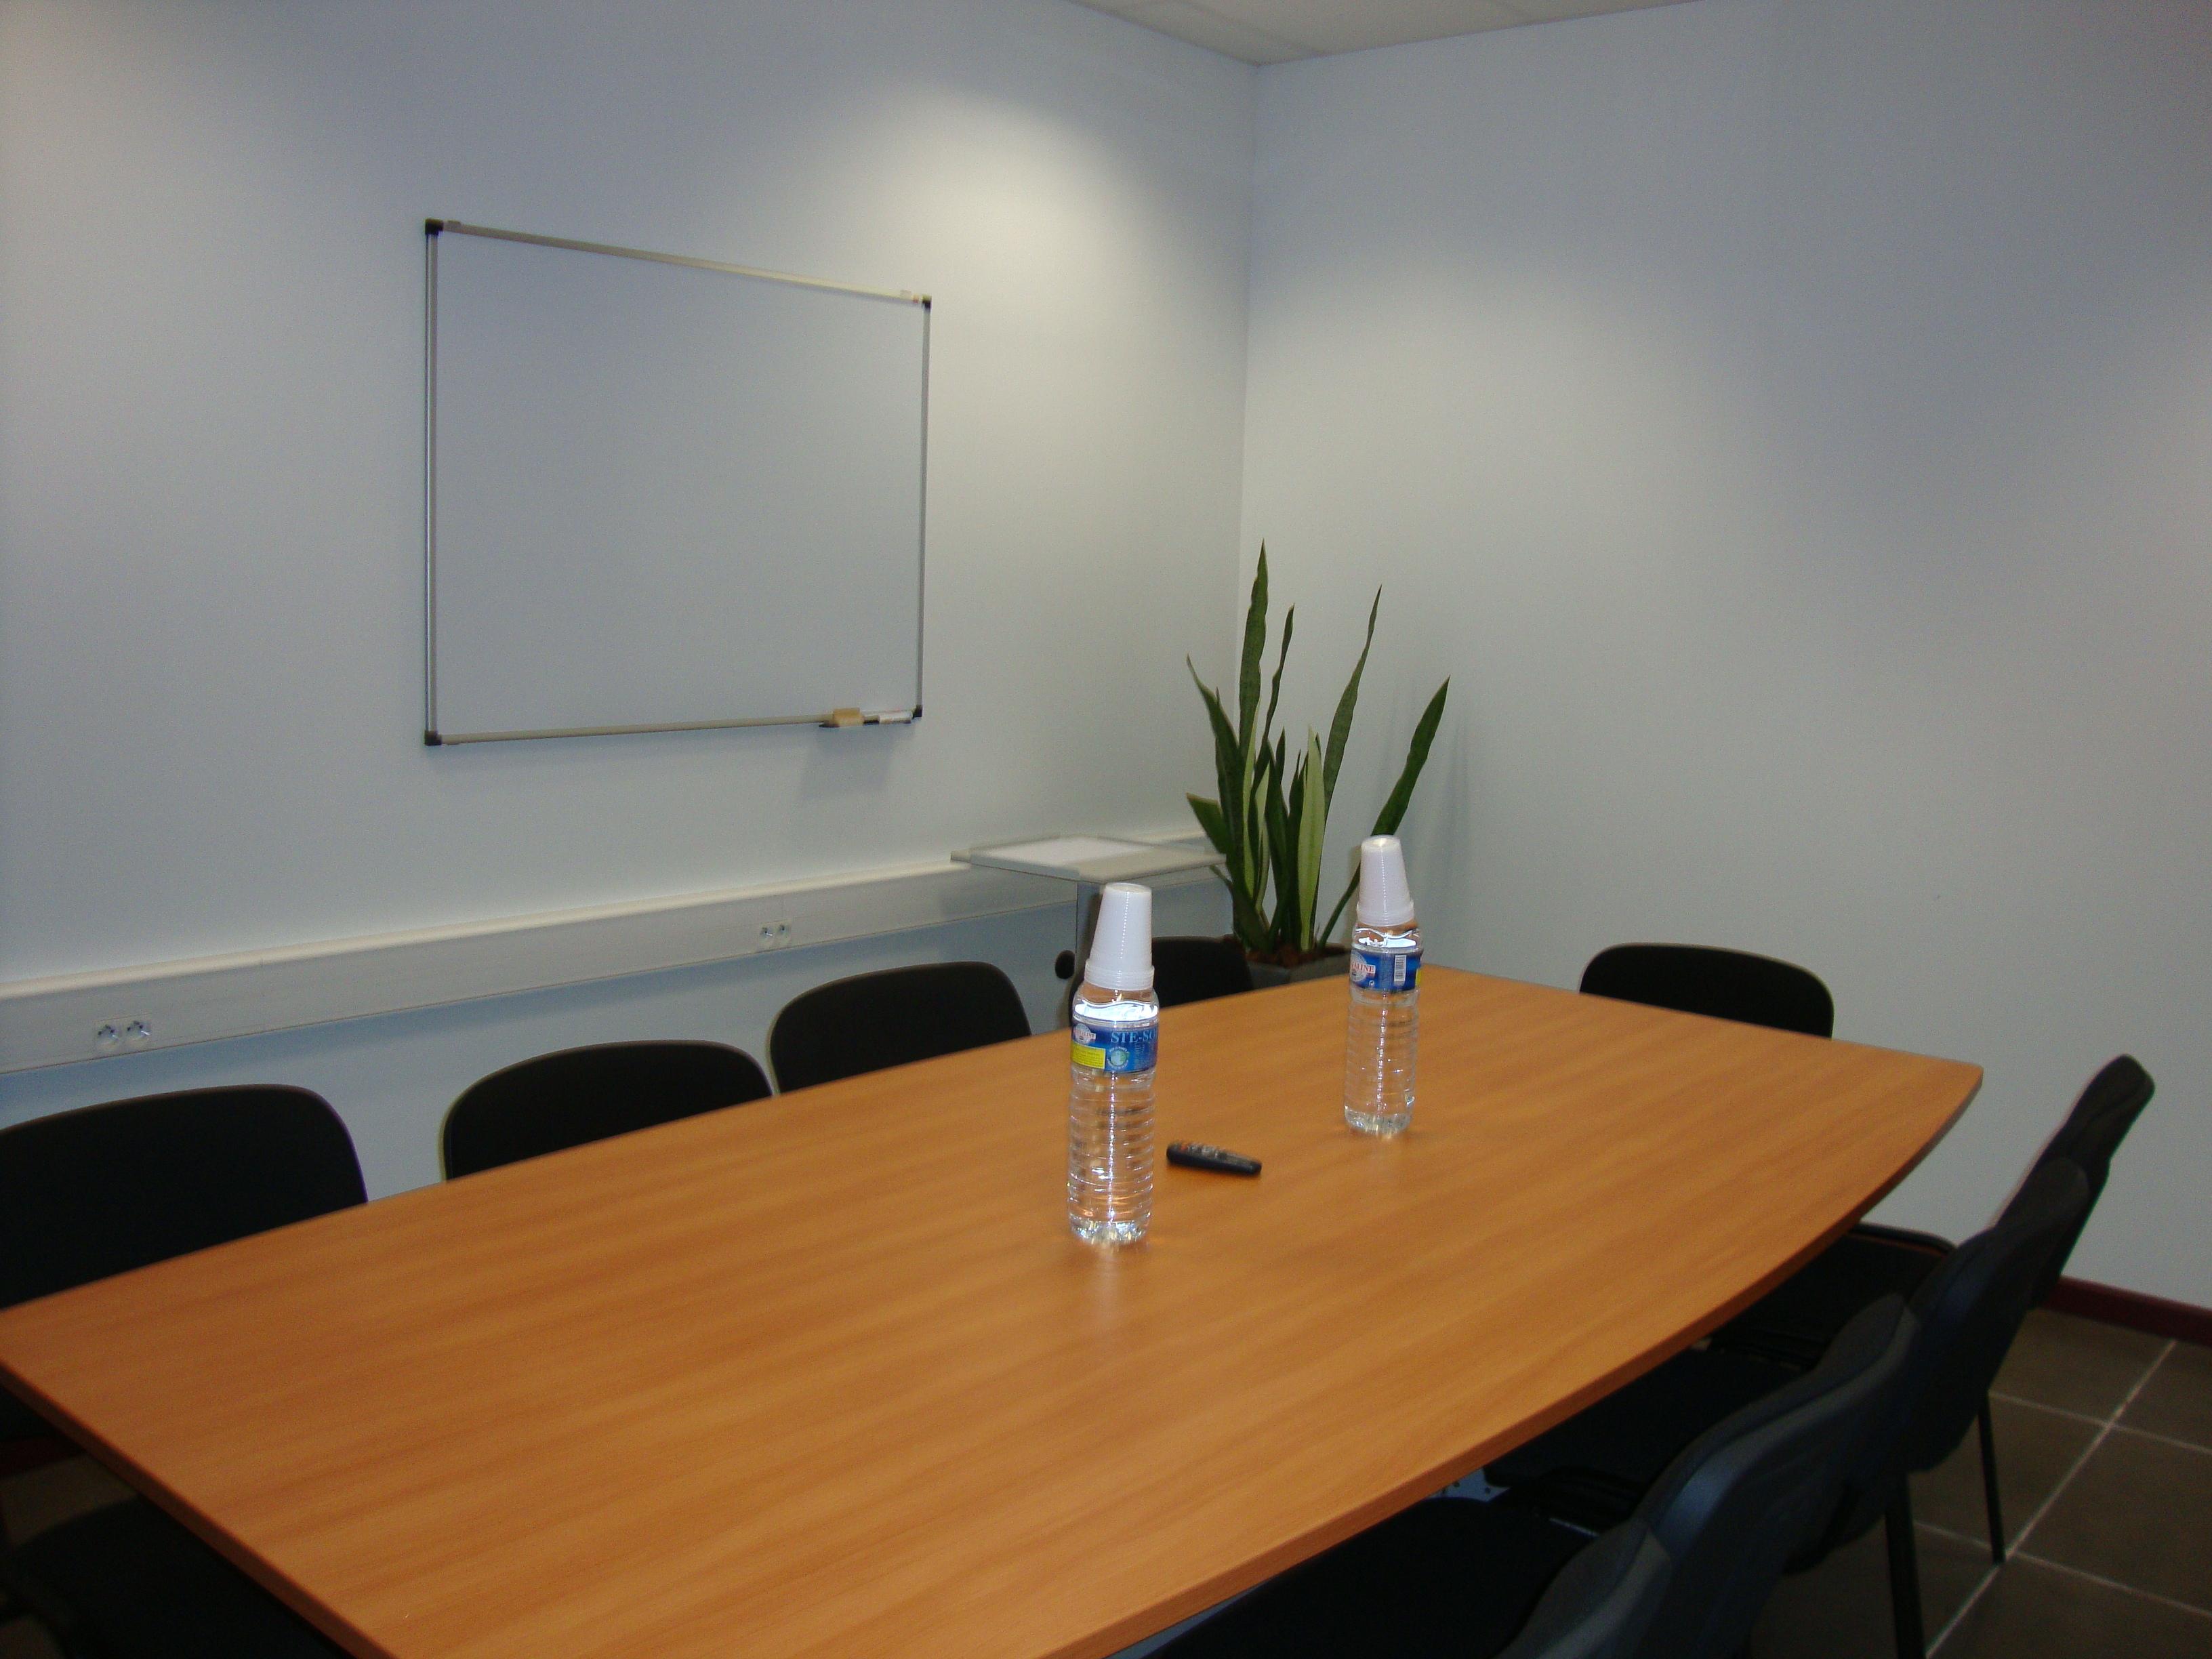 Location bureau salle de r union private mail cayenne for Reglementation capacite salle de reunion